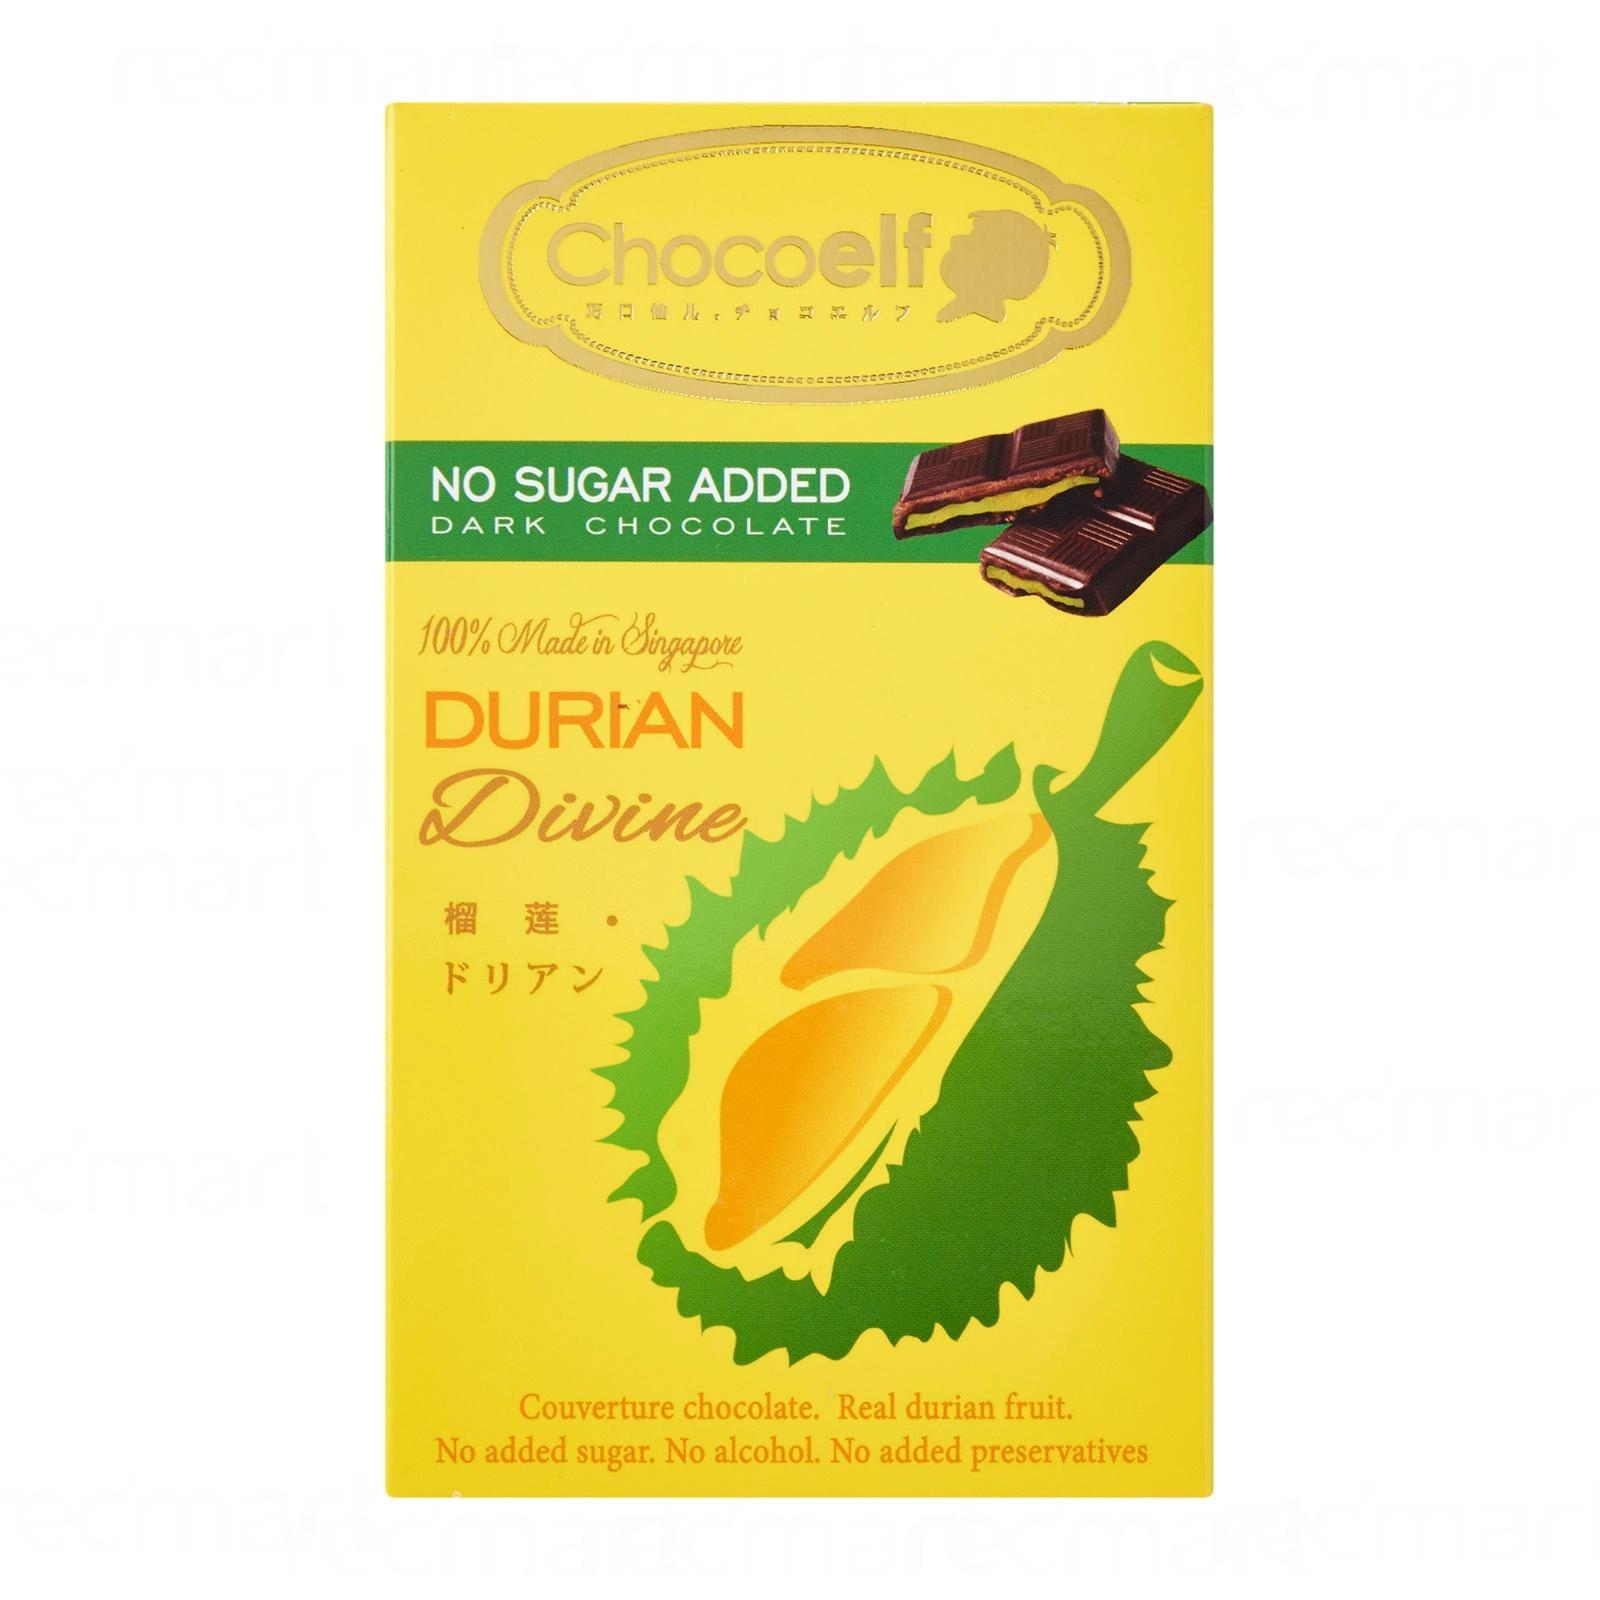 CHOCOELF Bar Chocolate - Durian (No Sugar-Added)